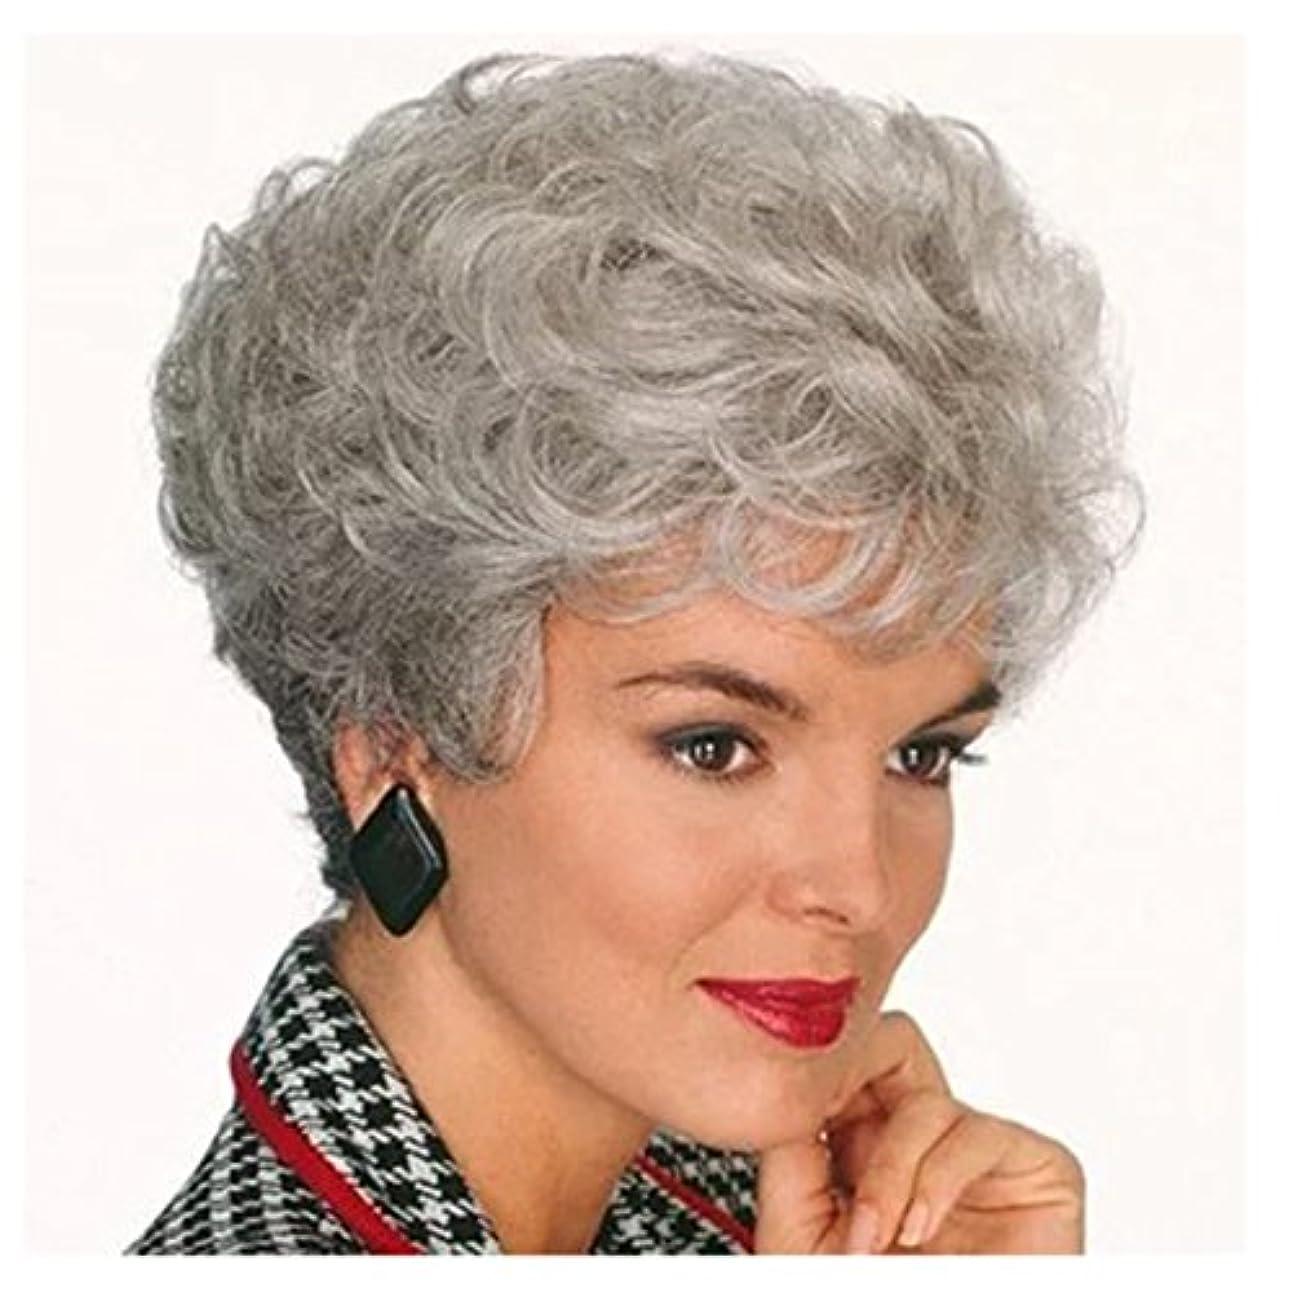 エスカレートバースト支援するYOUQIU コスプレ中年と古い人々のために150グラムフラッツ前髪ウィッグで女性や男性の髪ふわふわナチュラルウィッグ用ショート全頭ウィッグ(黒/ダークブラウン/ライトブラウン/グレー)ウィッグ (色 : グレー)